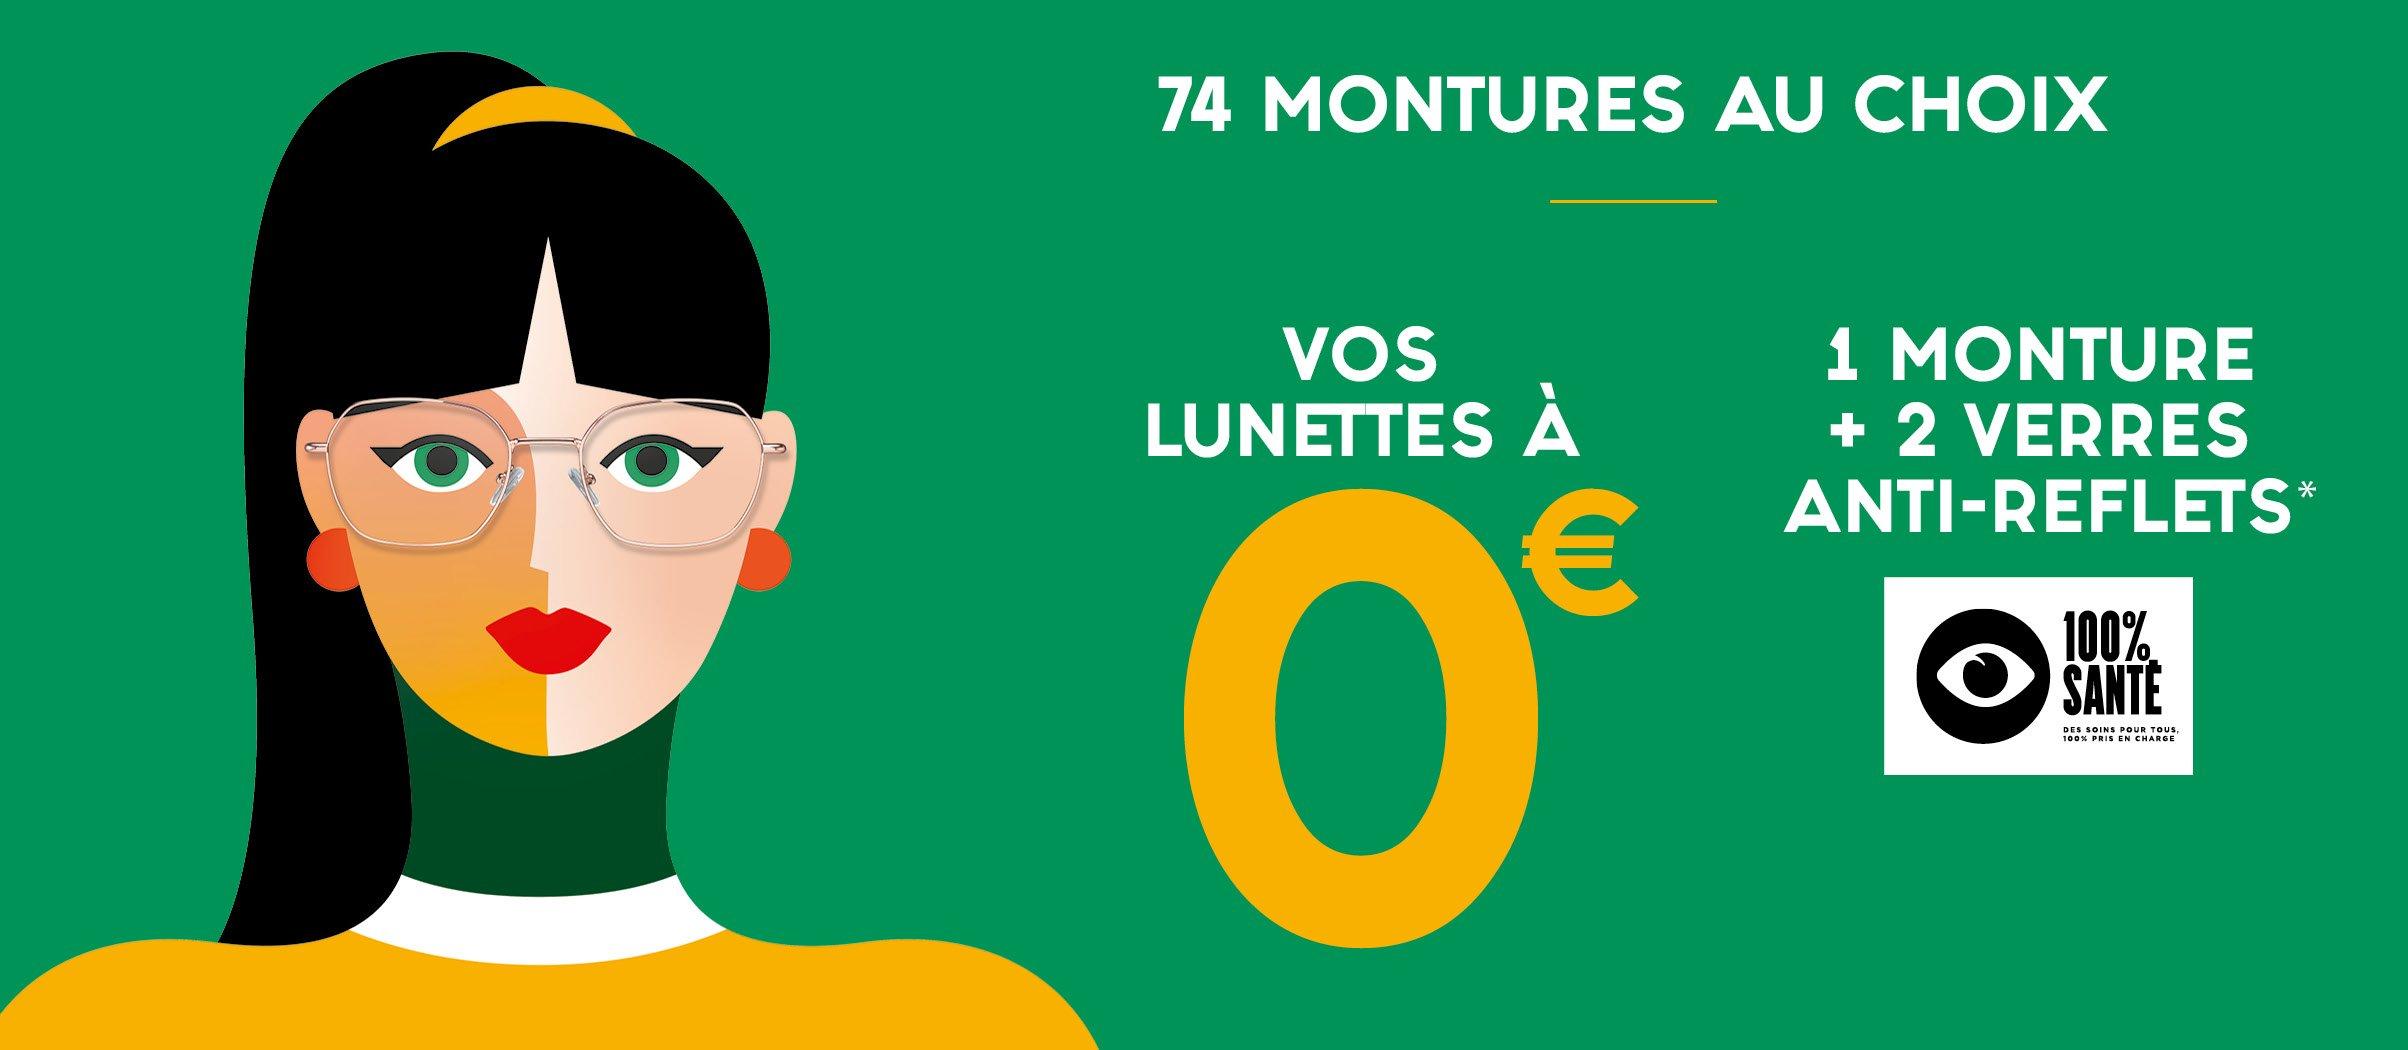 Bannière OP2 Vos lunettes à 0€